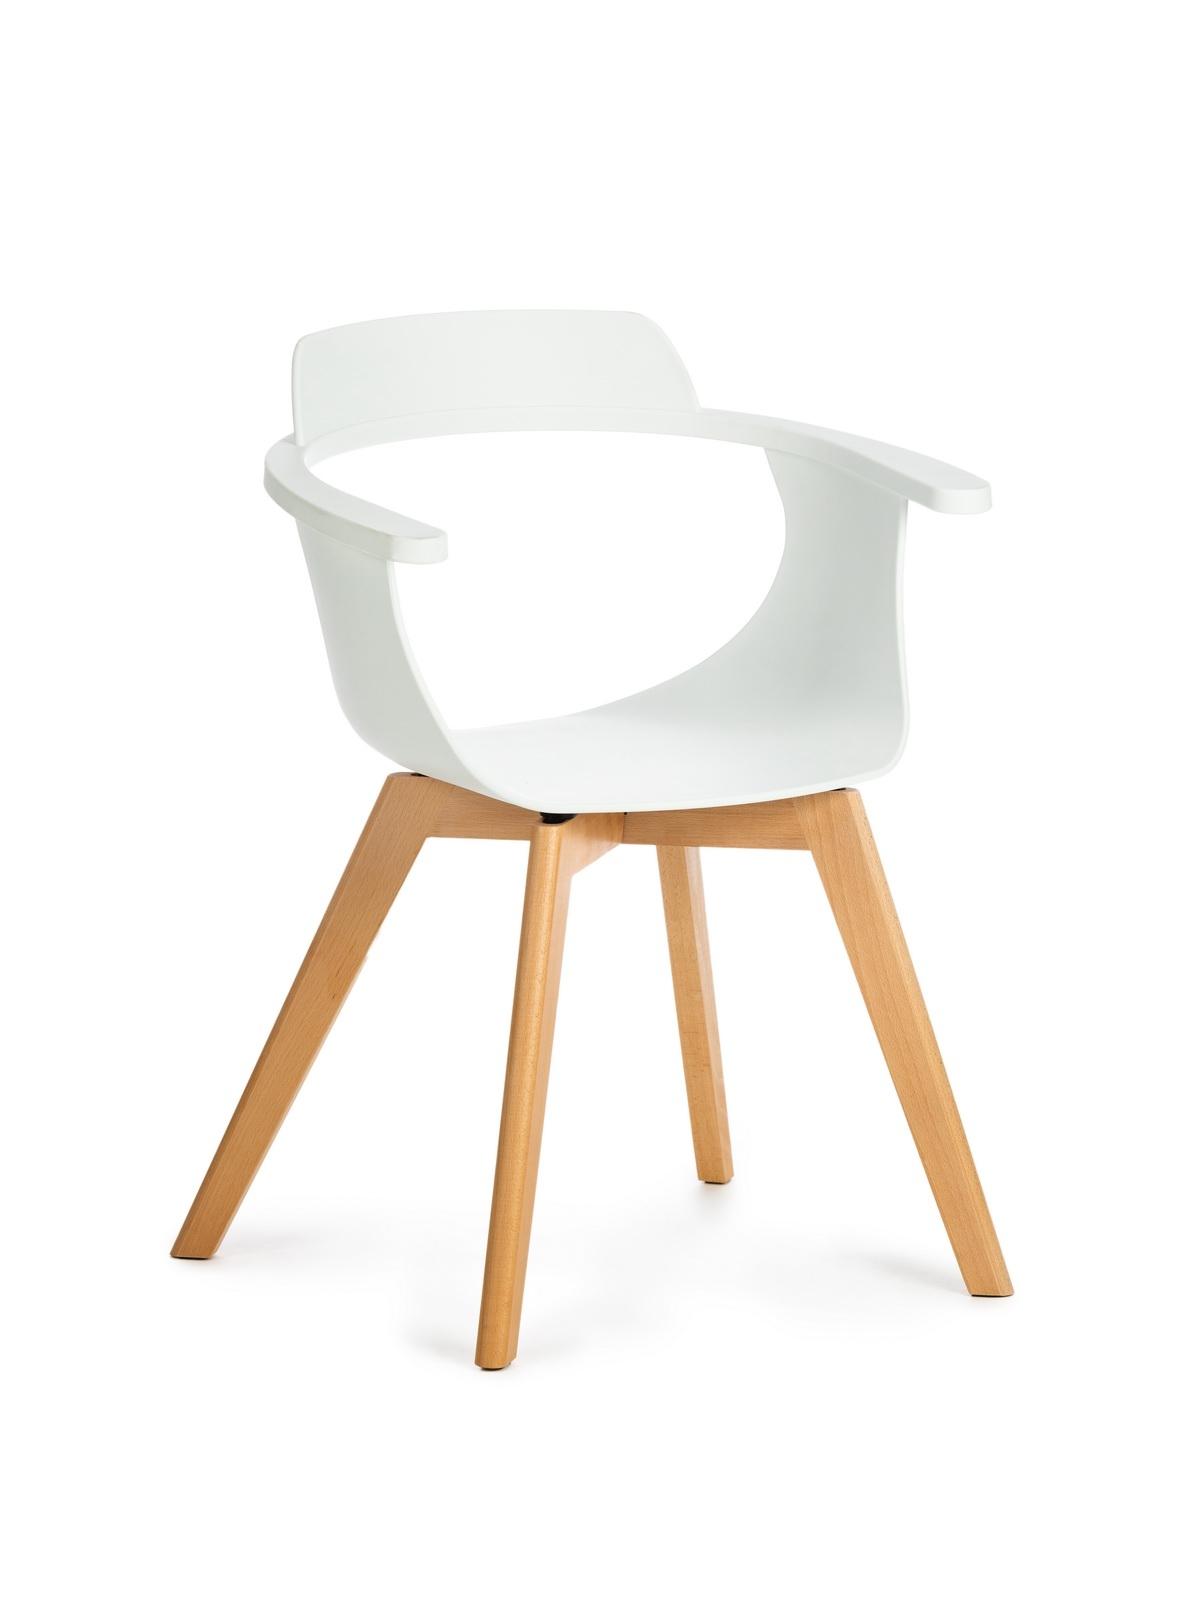 Scaun din plastic cu picioare de lemn Alan White, l51xA60xH80 cm imagine